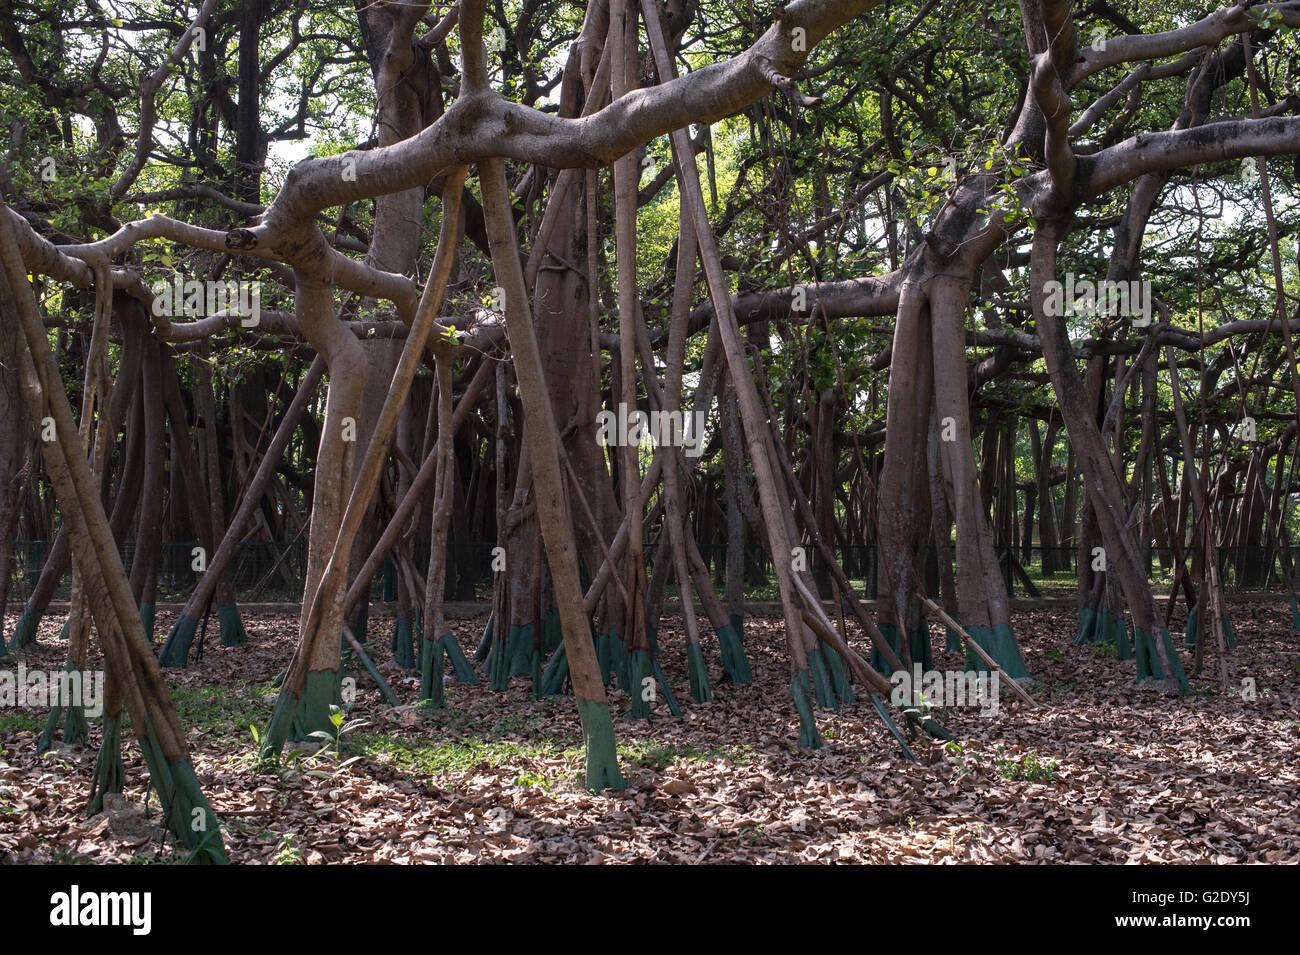 Ficus feige, indische Banyan, Moraceae, indischer Subkontinent, Asien Stockbild